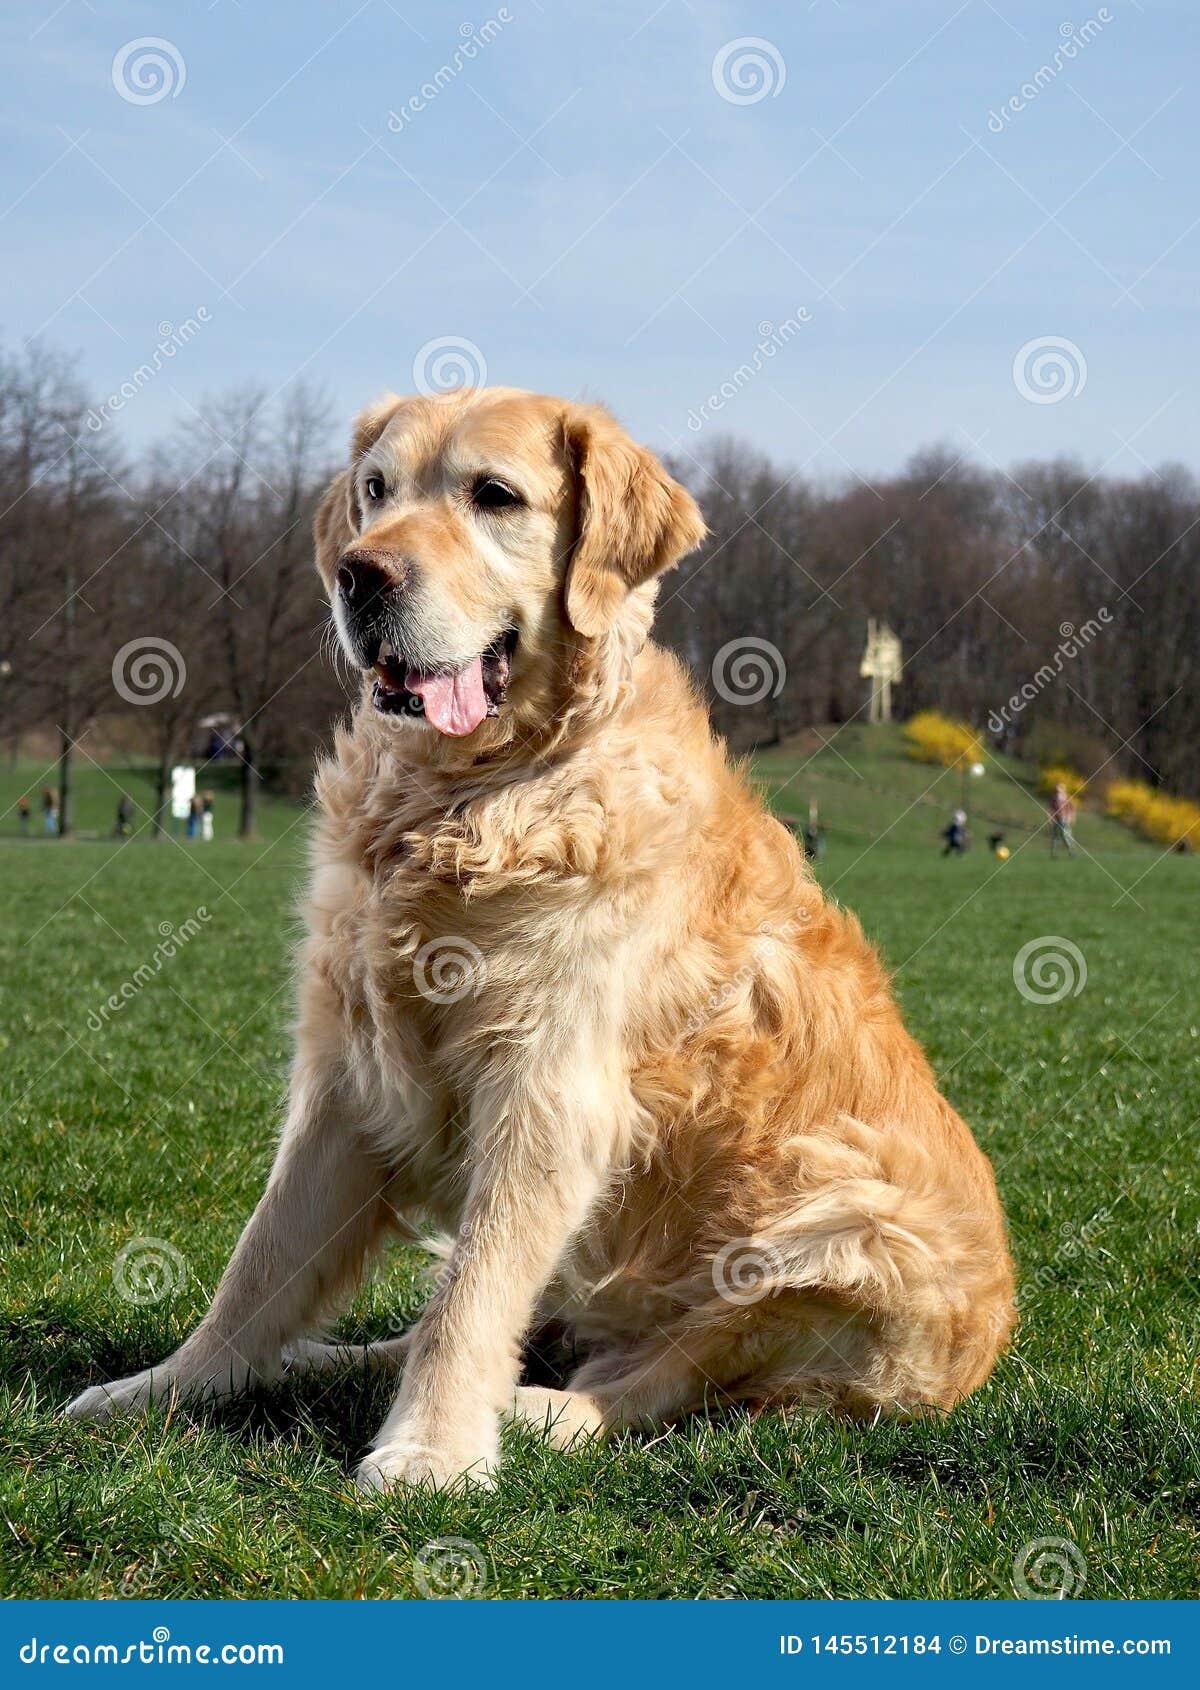 Goldenretriever en un paseo en el parque en un día soleado